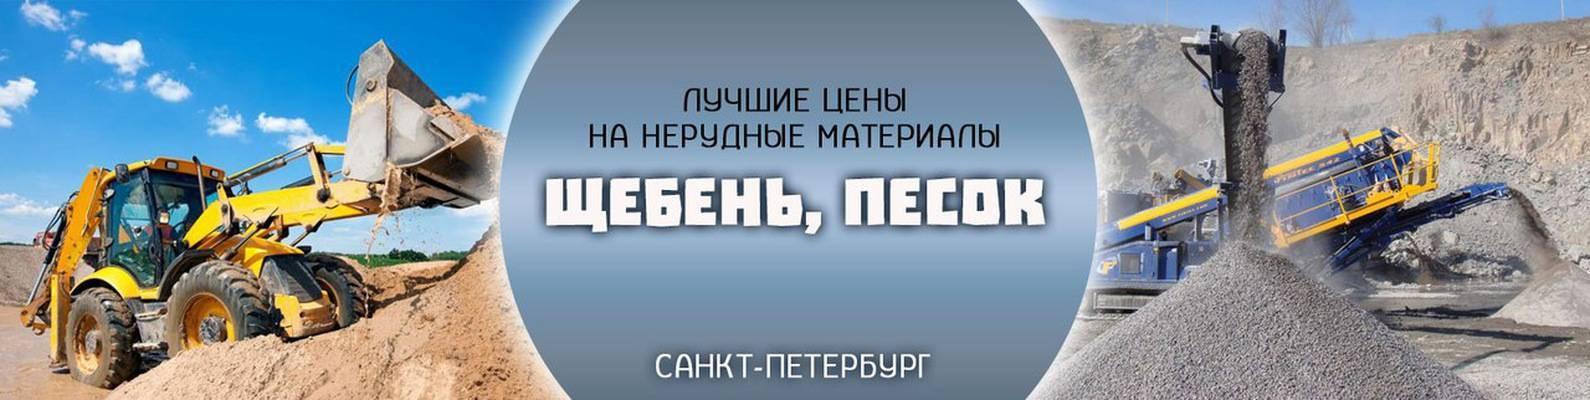 Дмитрий песков. биография, усы и личная жизнь пресс-секретаря